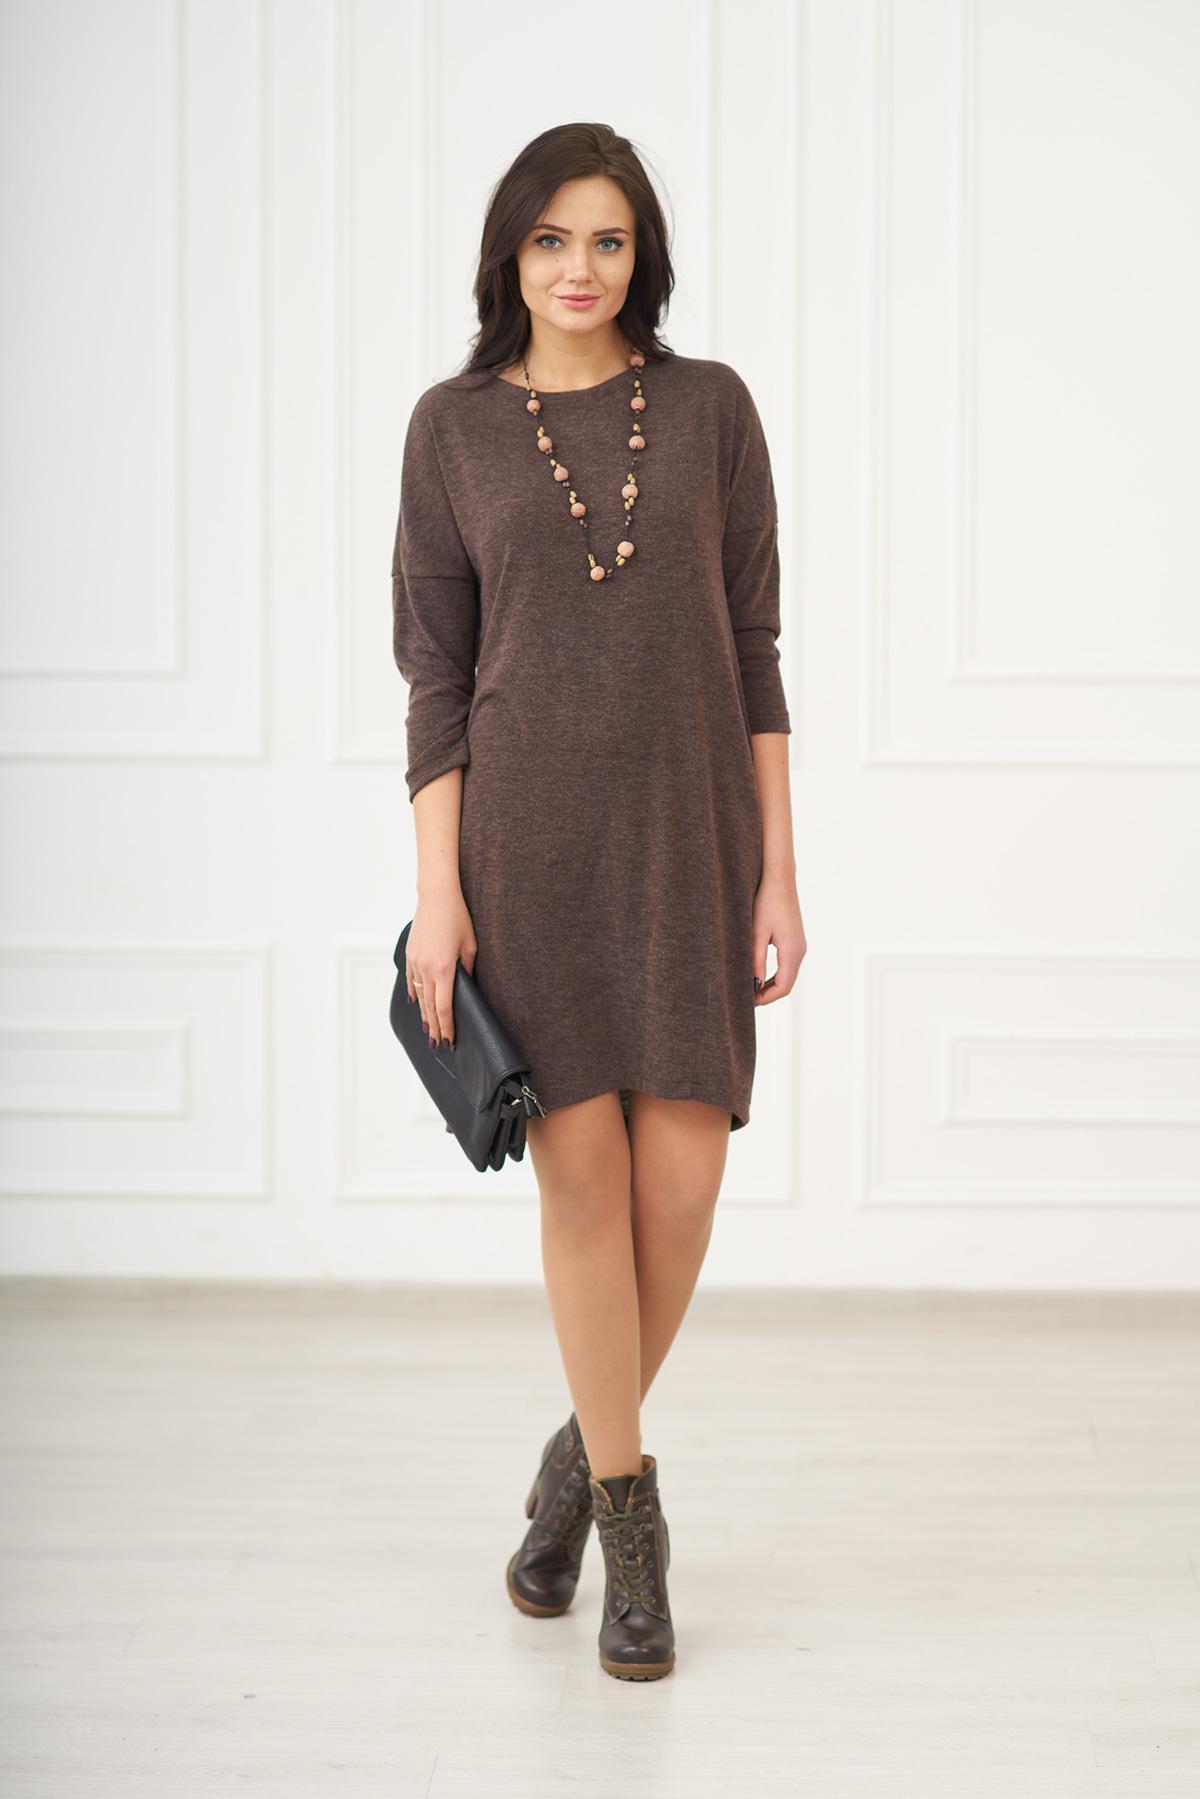 Жен. платье арт. 19-0075 Шоколадный р. 54Платья<br>Факт. ОГ: 108 см <br>Факт. ОТ: 110 см <br>Факт. ОБ: 112 см <br>Длина по спинке: 105 см<br><br>Тип: Жен. платье<br>Размер: 54<br>Материал: Ангора